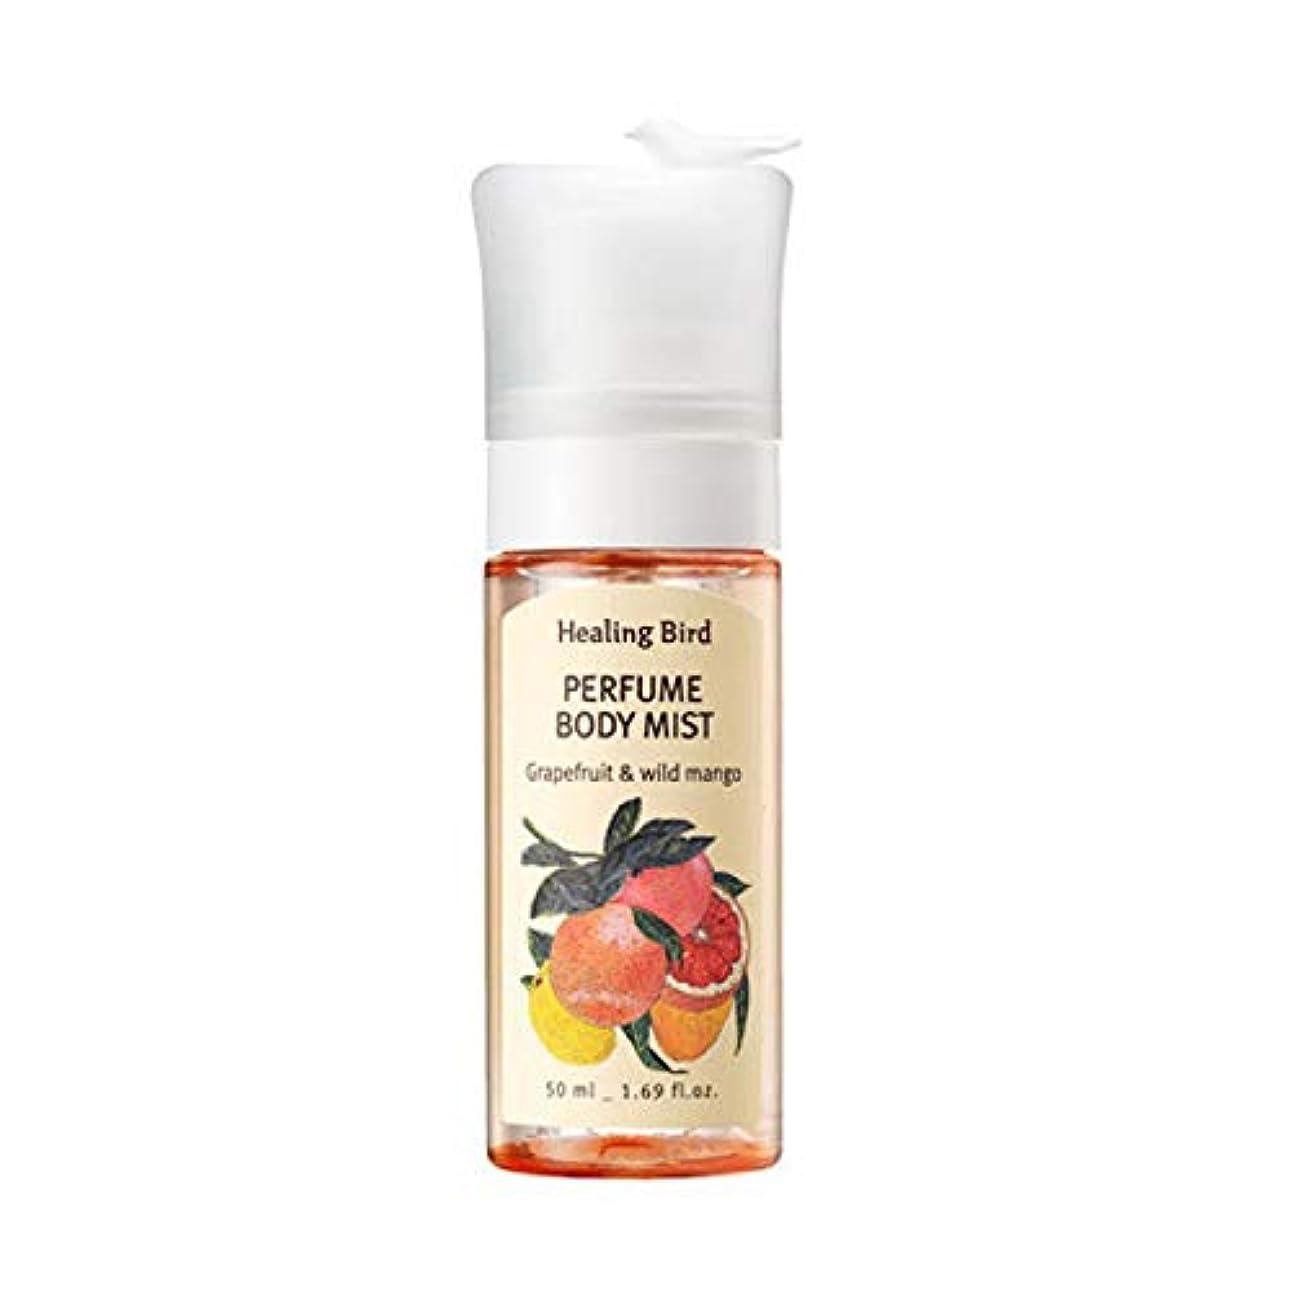 発掘する生産的クライマックスHealing Bird Perfume Body Mist 50ml パヒュームボディミスト (Grapefruit & Wild Mango) [並行輸入品]